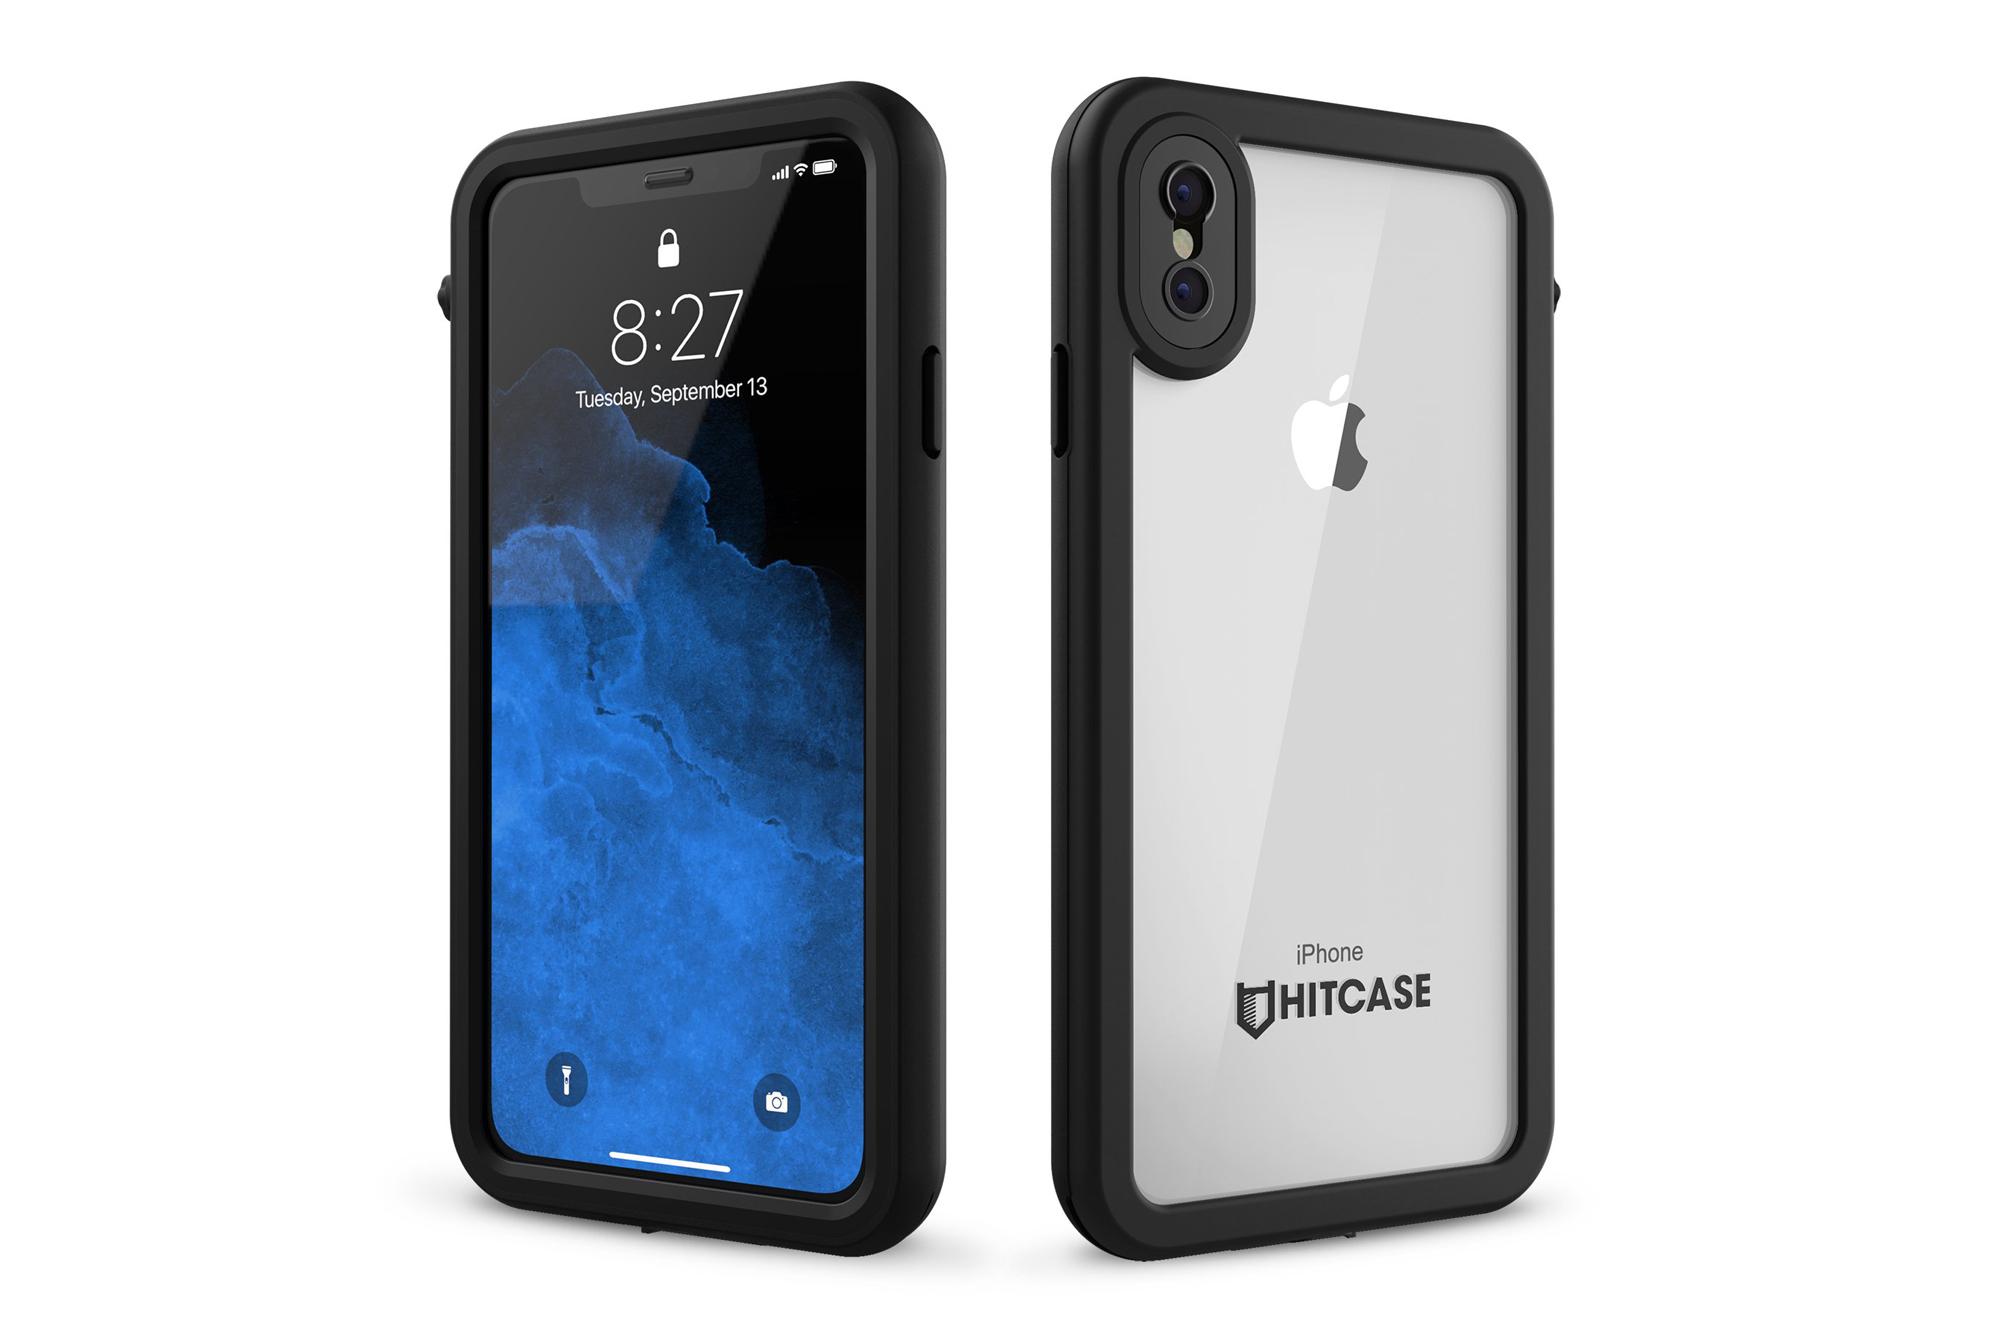 Funda impermeable para iPhone Hitcase